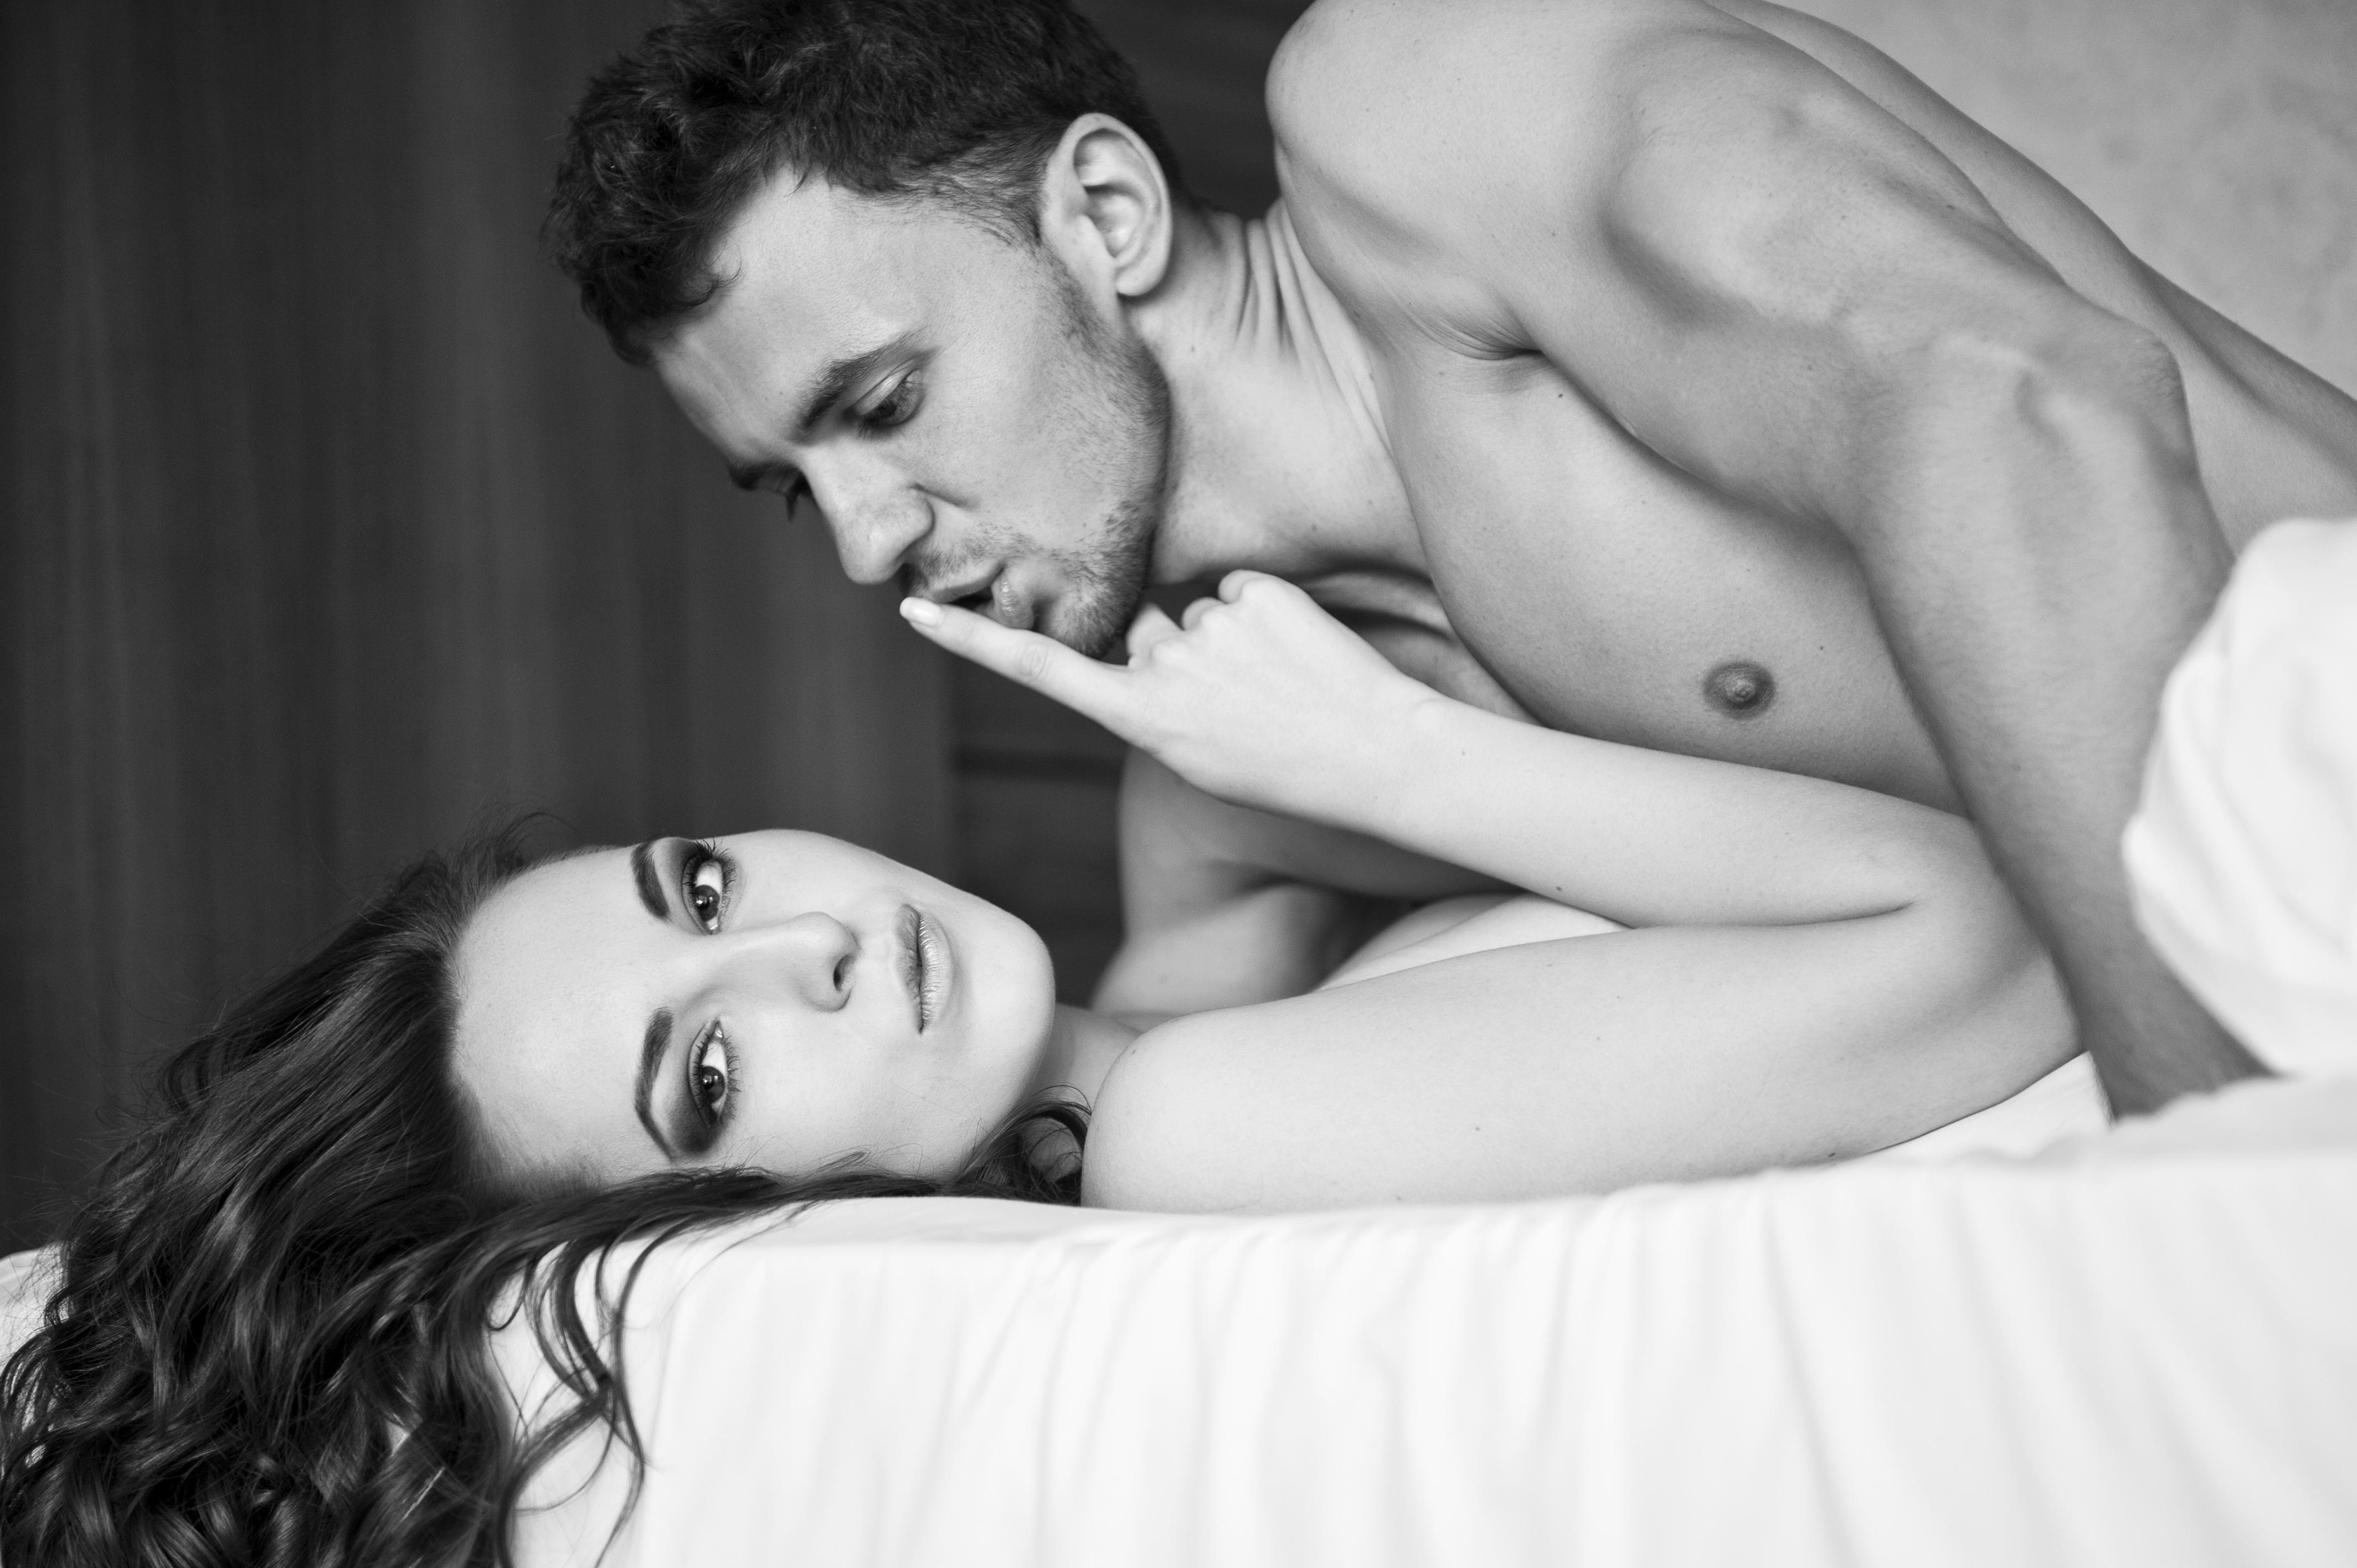 Сексуальная привязка на женщин 8 фотография